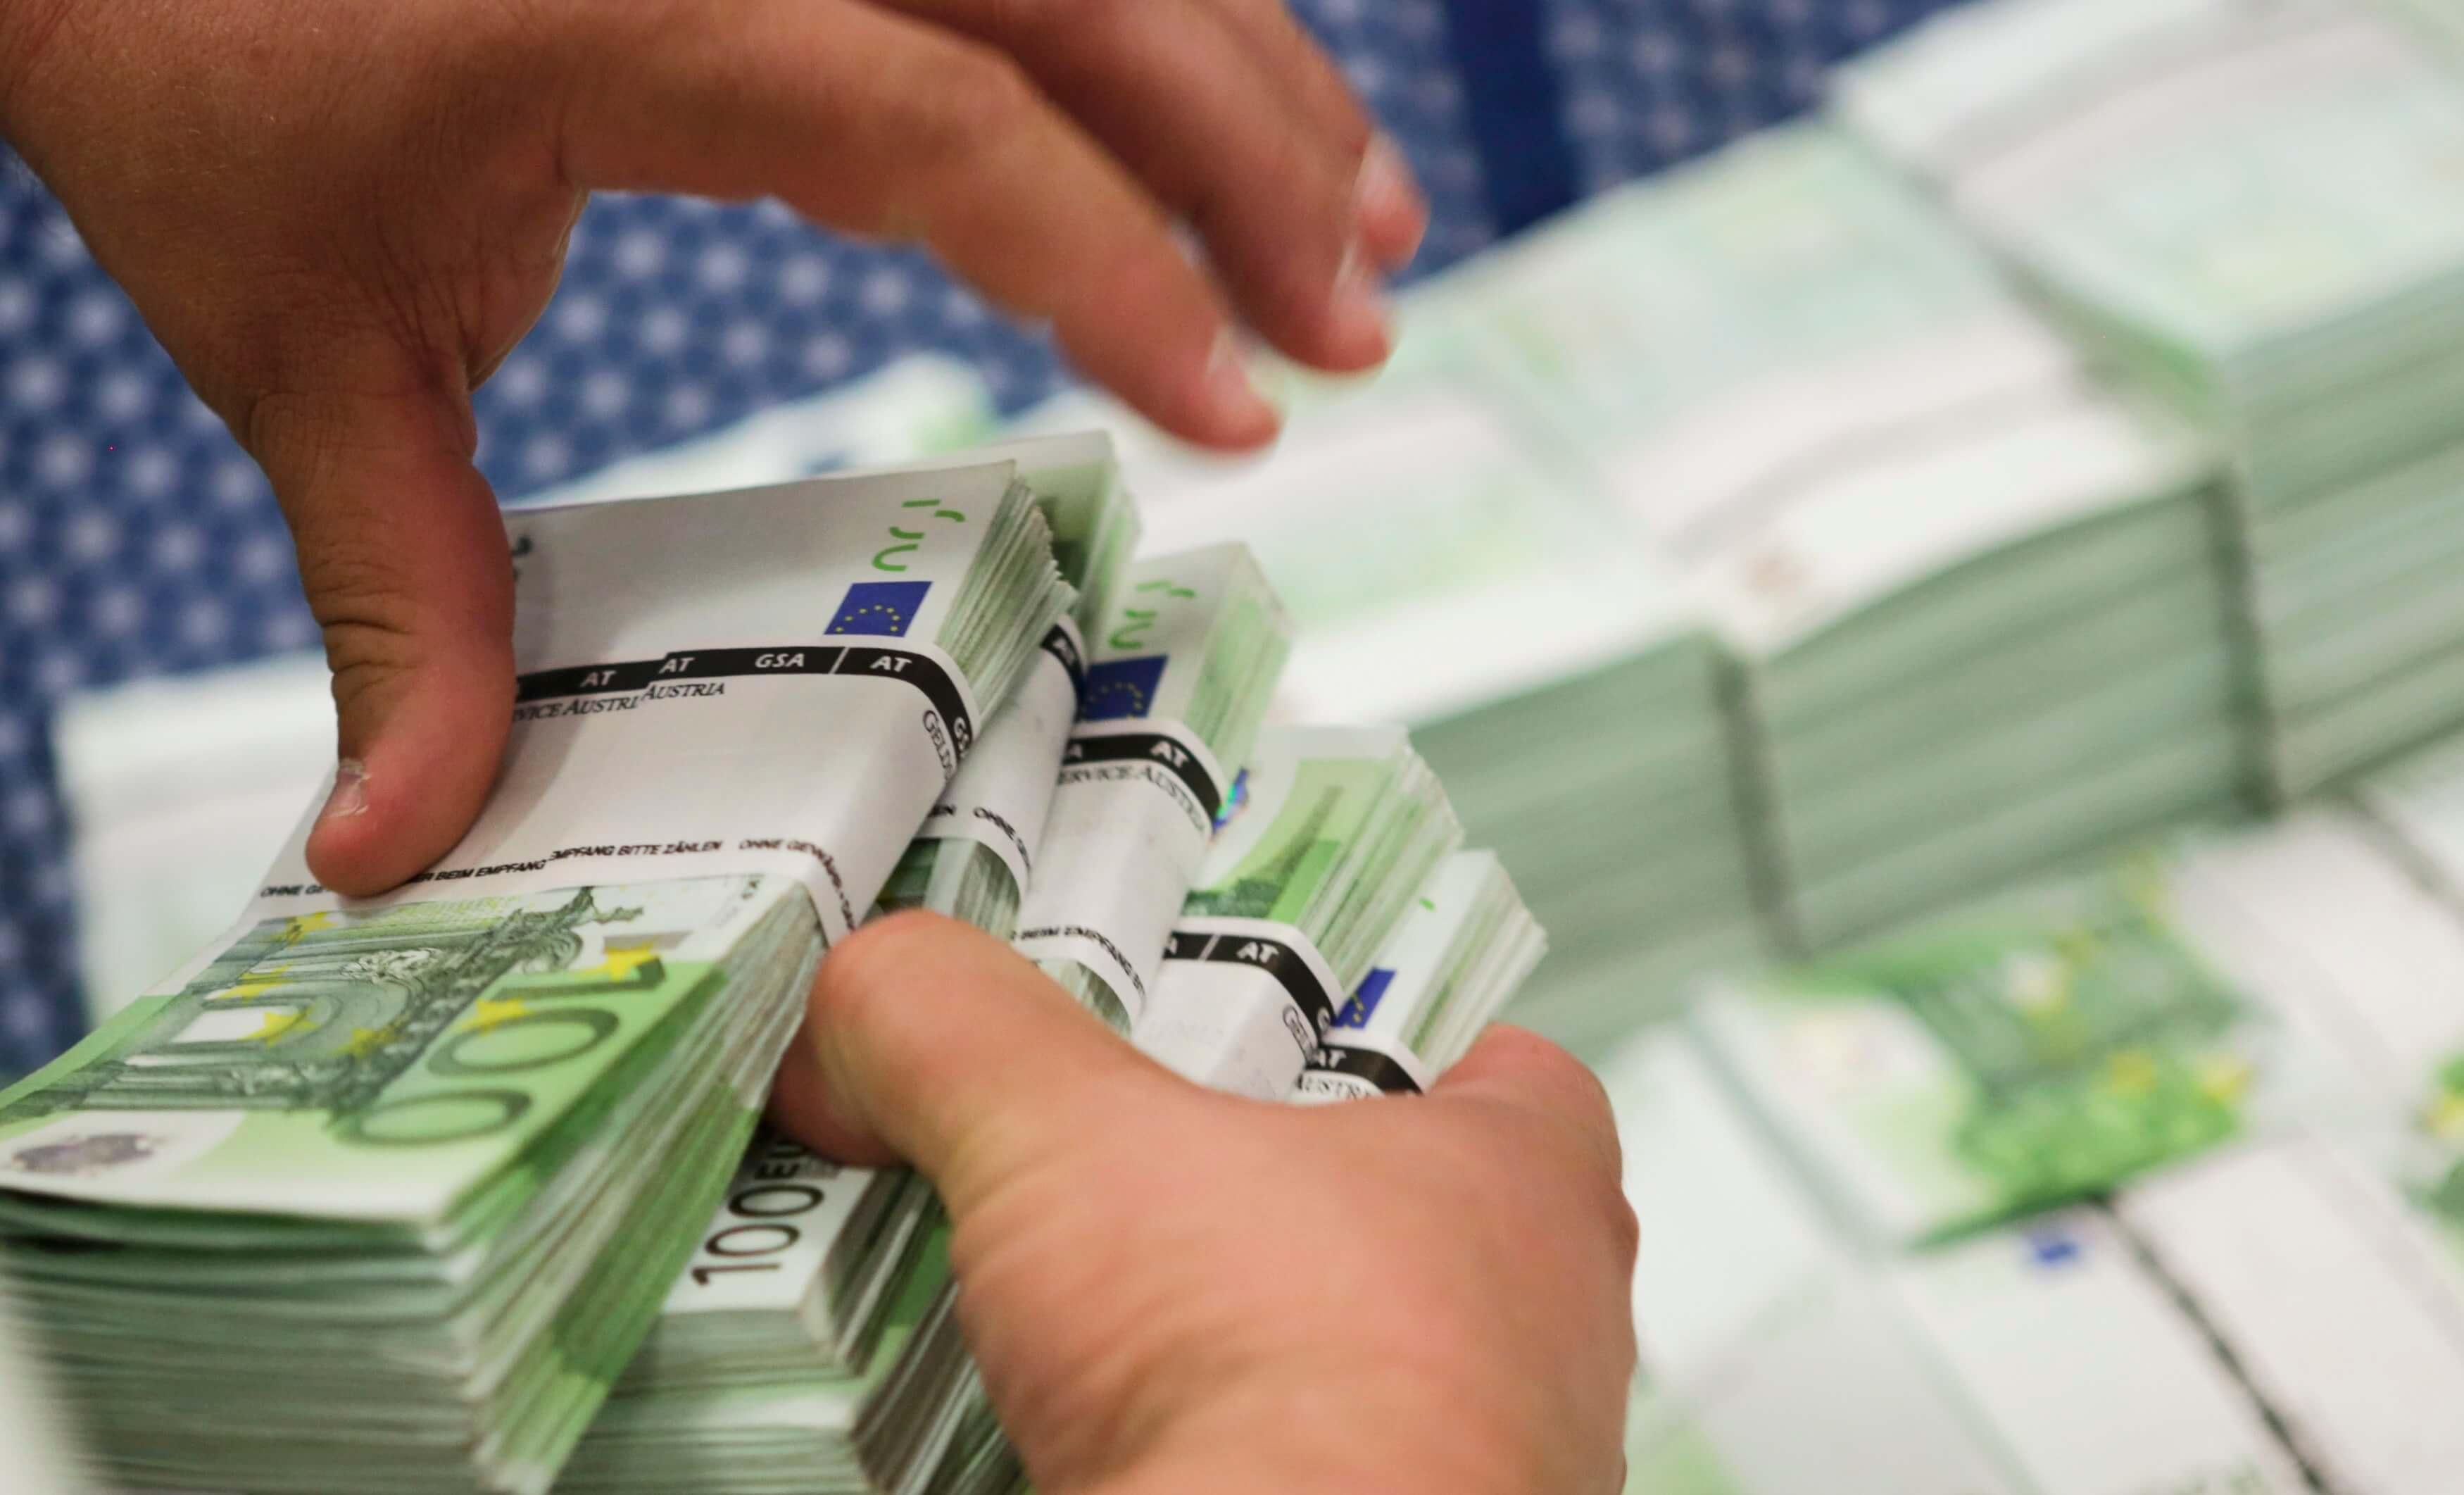 Στα 2,7 δισ. ευρώ το πρωτογενές έλλειμμα του Προϋπολογισμού